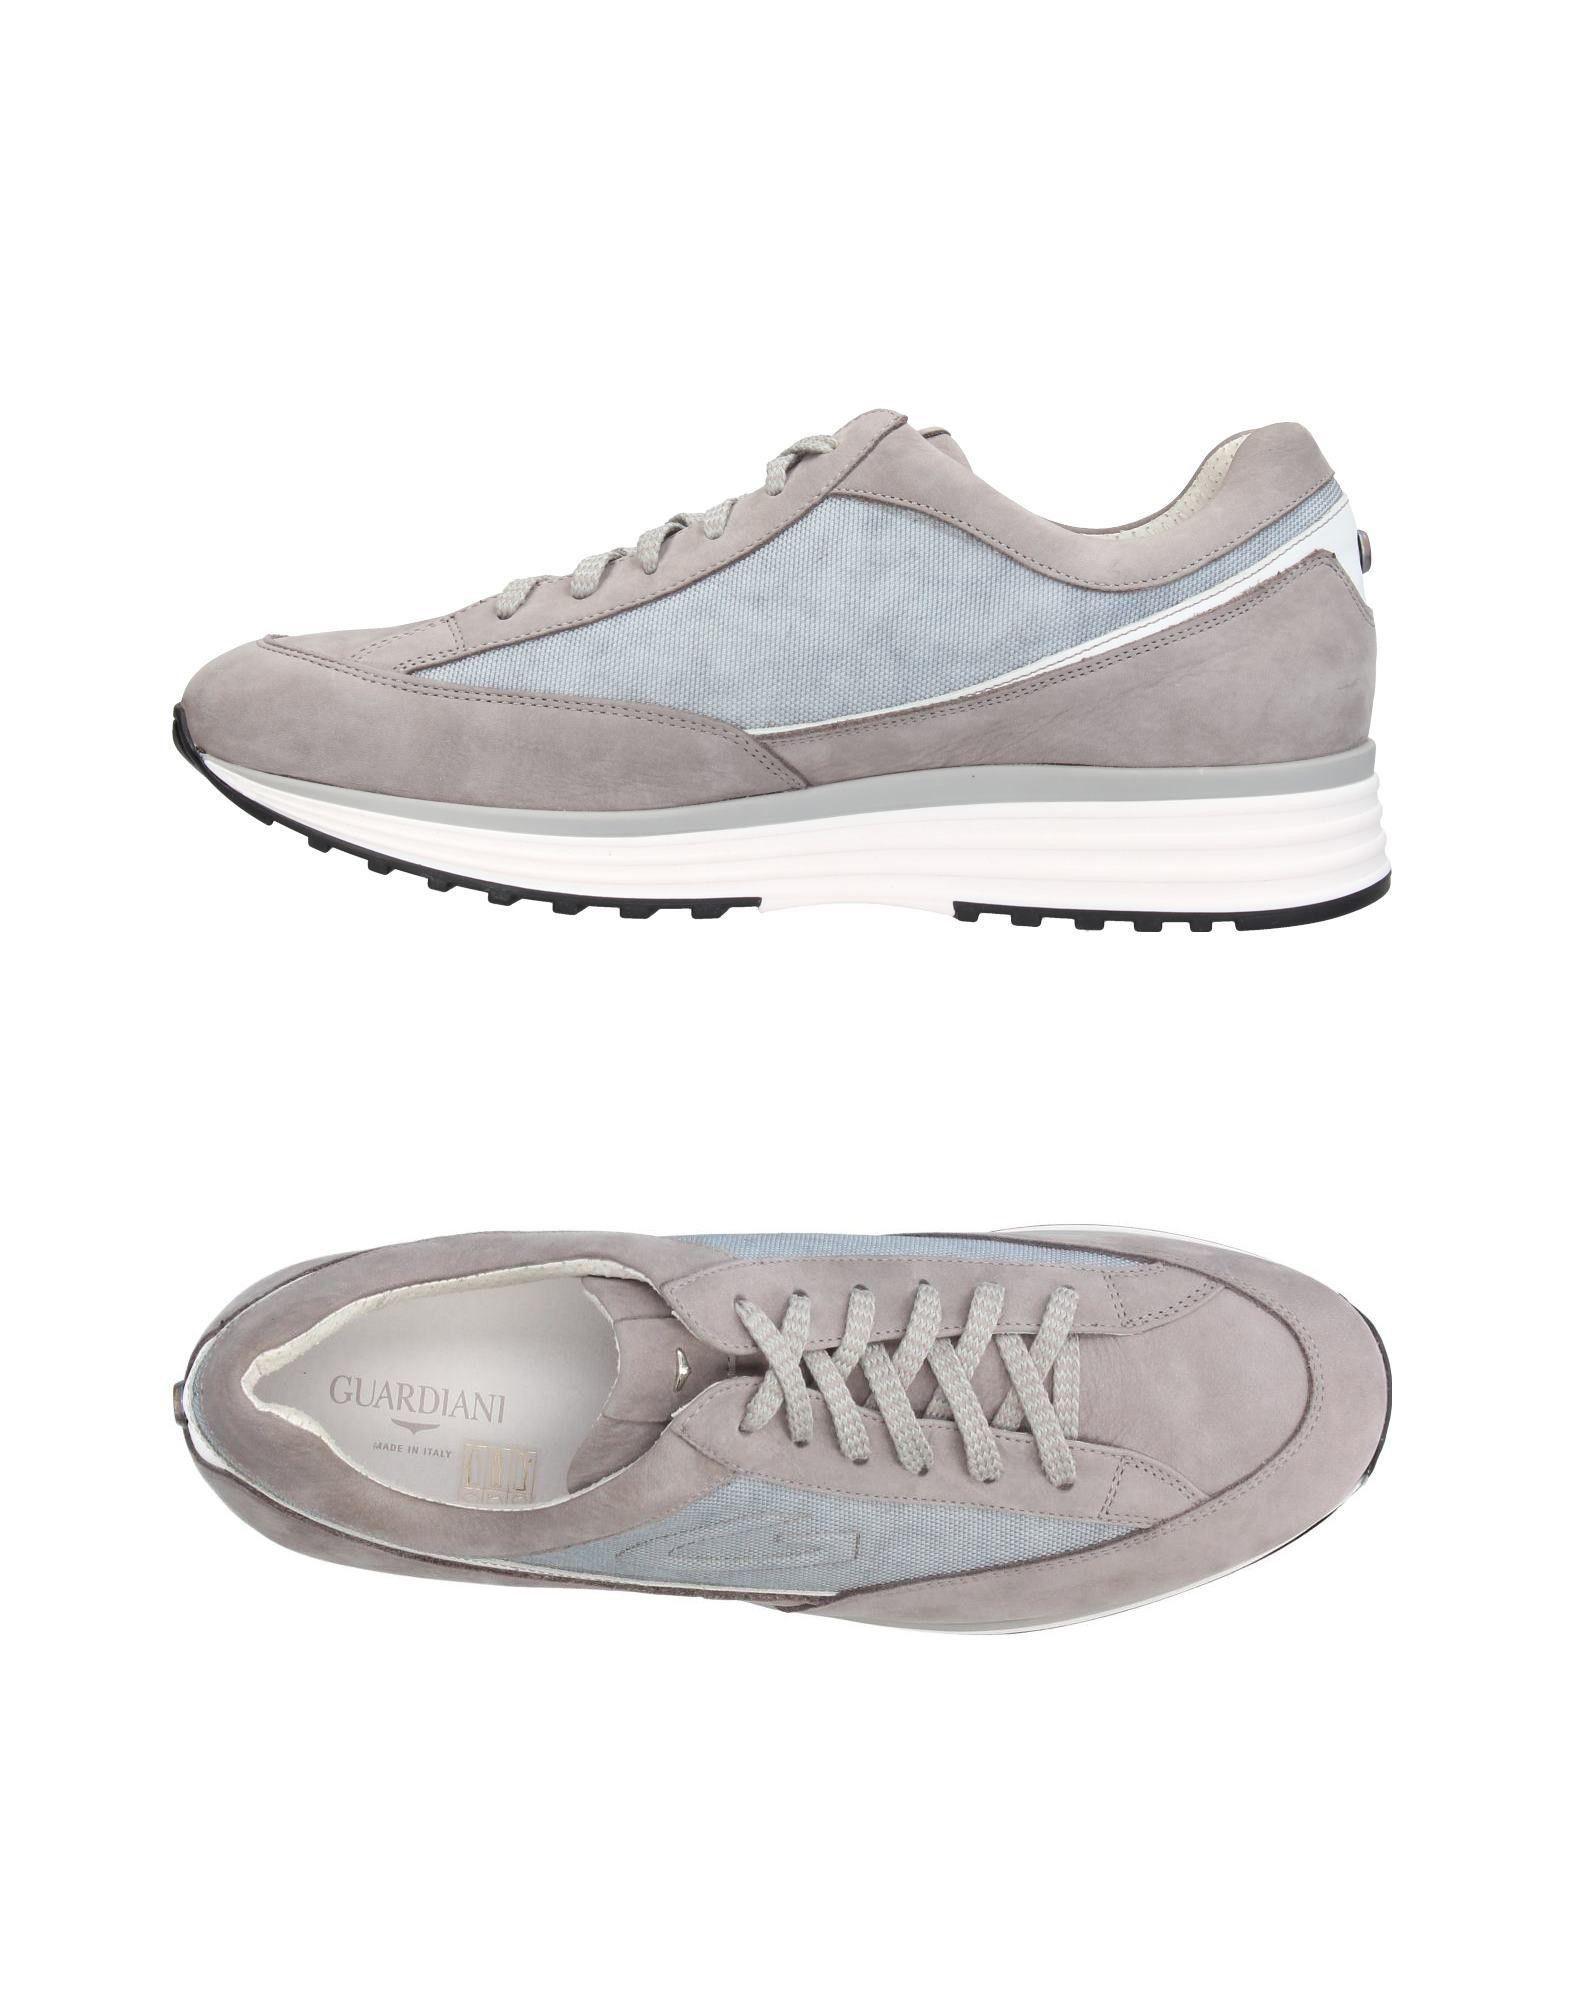 FOOTWEAR - Low-tops & sneakers Alberto ilYYiH87OW